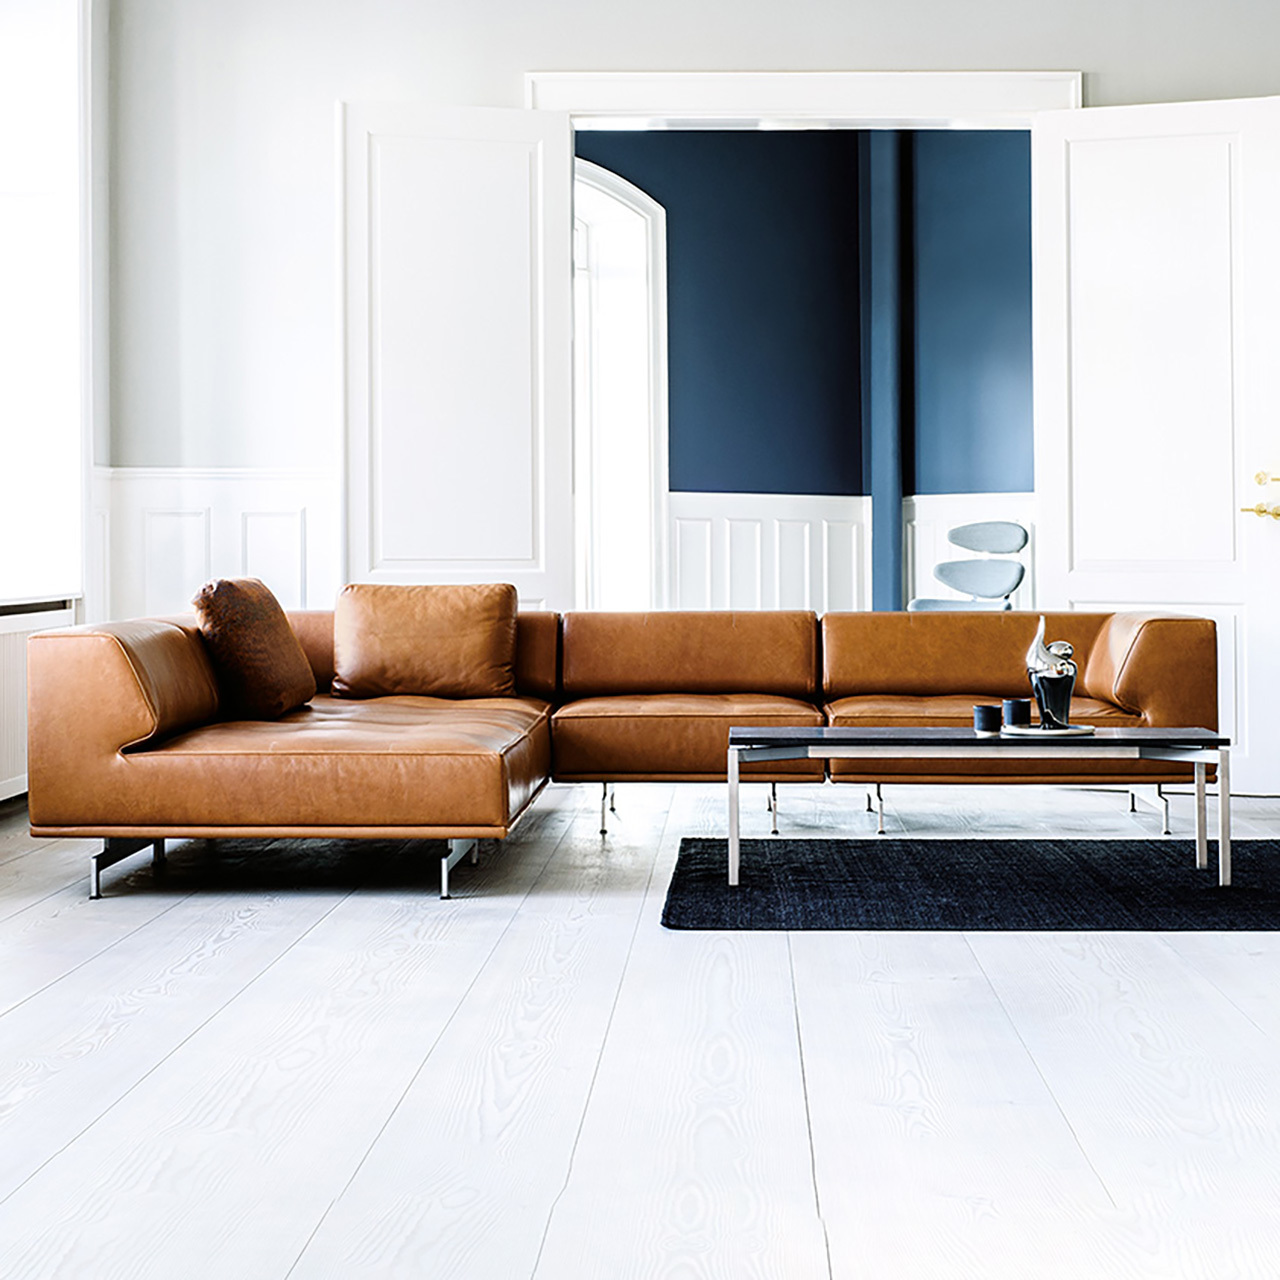 Sofa 'Delphi' in Leder